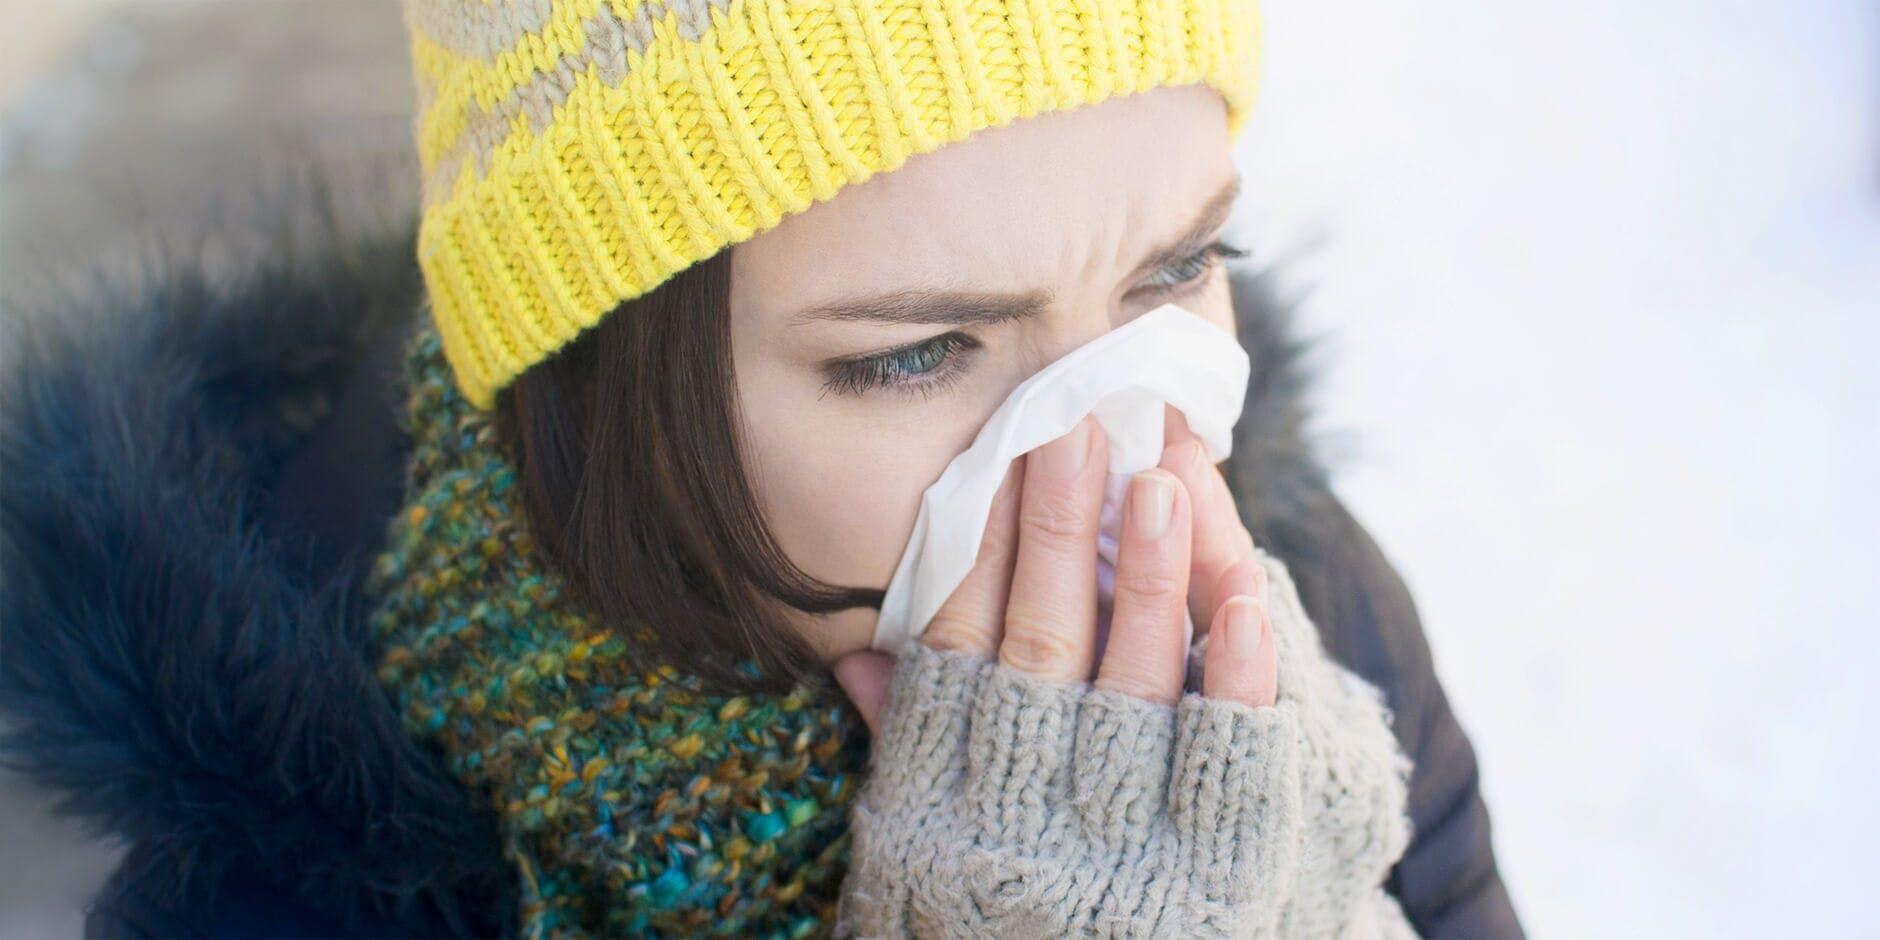 Mulher com sintomas de constipação